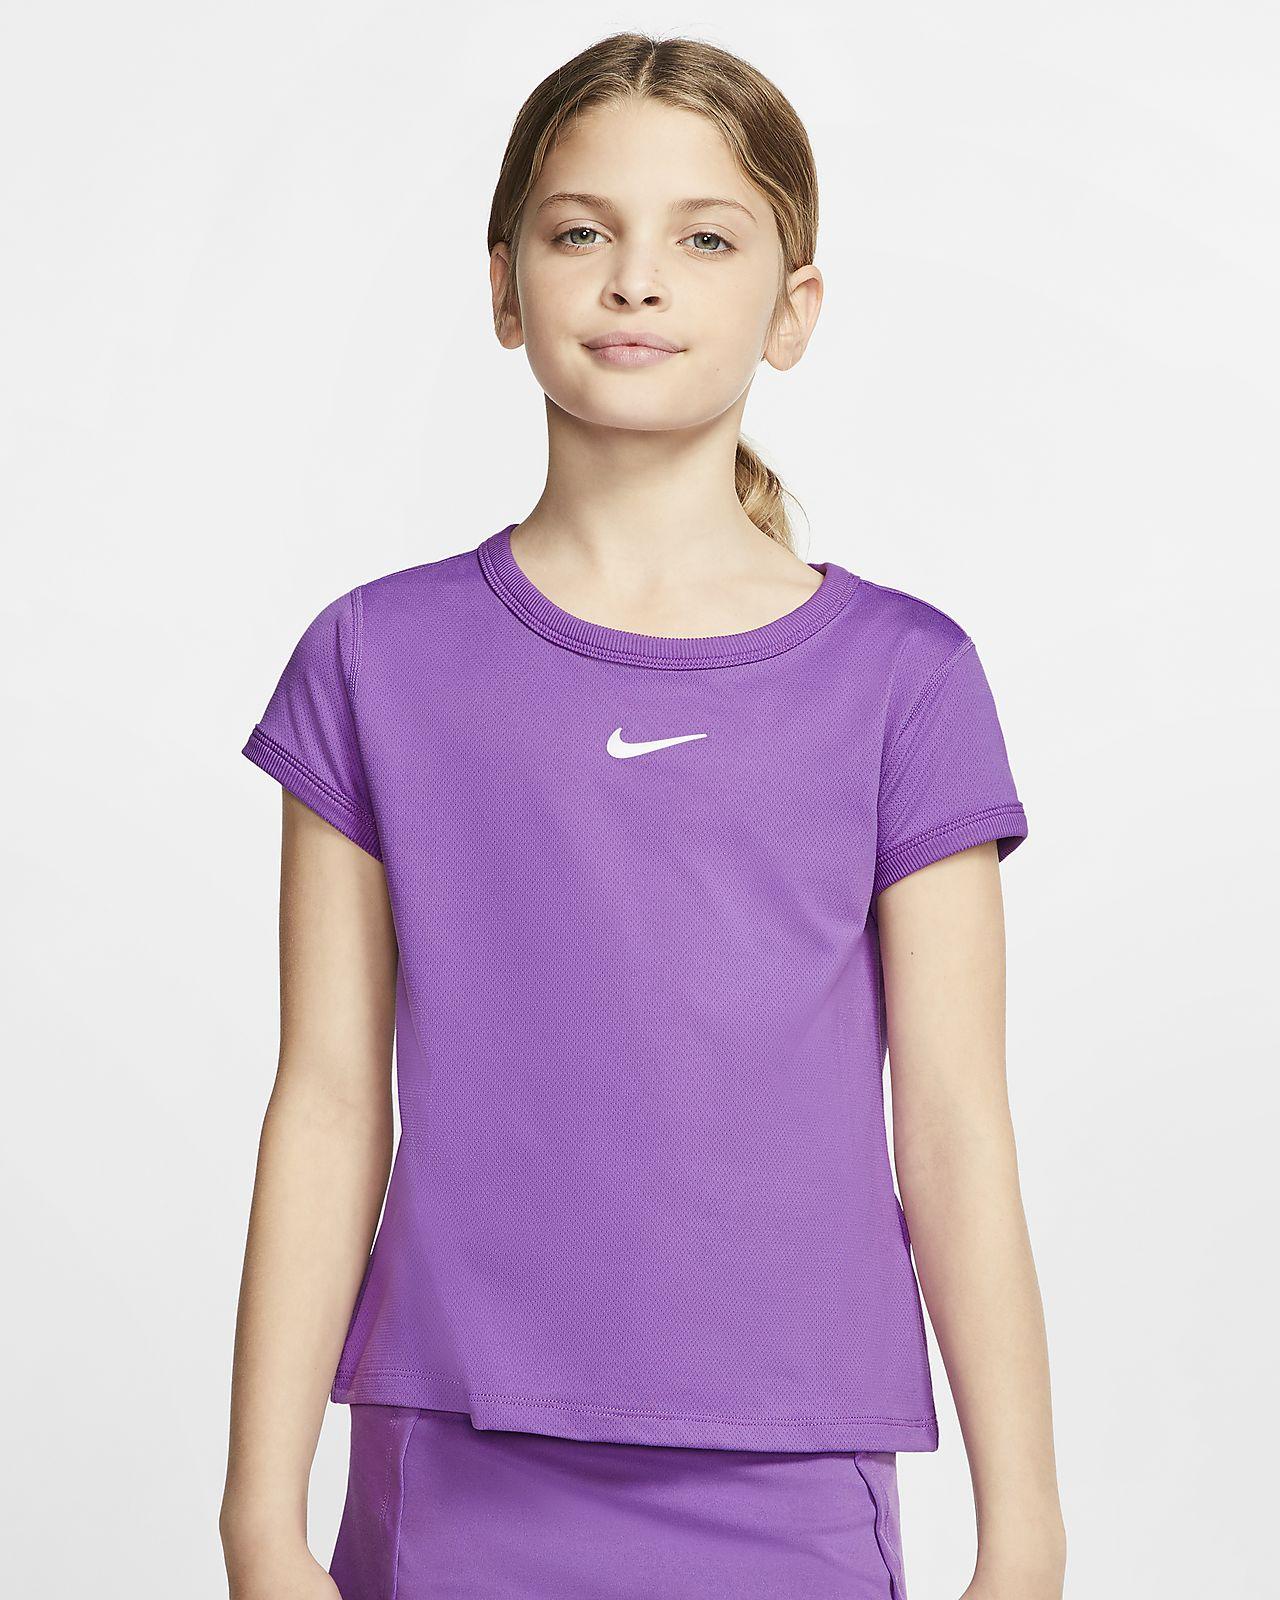 Tenniströja NikeCourt Dri-FIT för tjejer